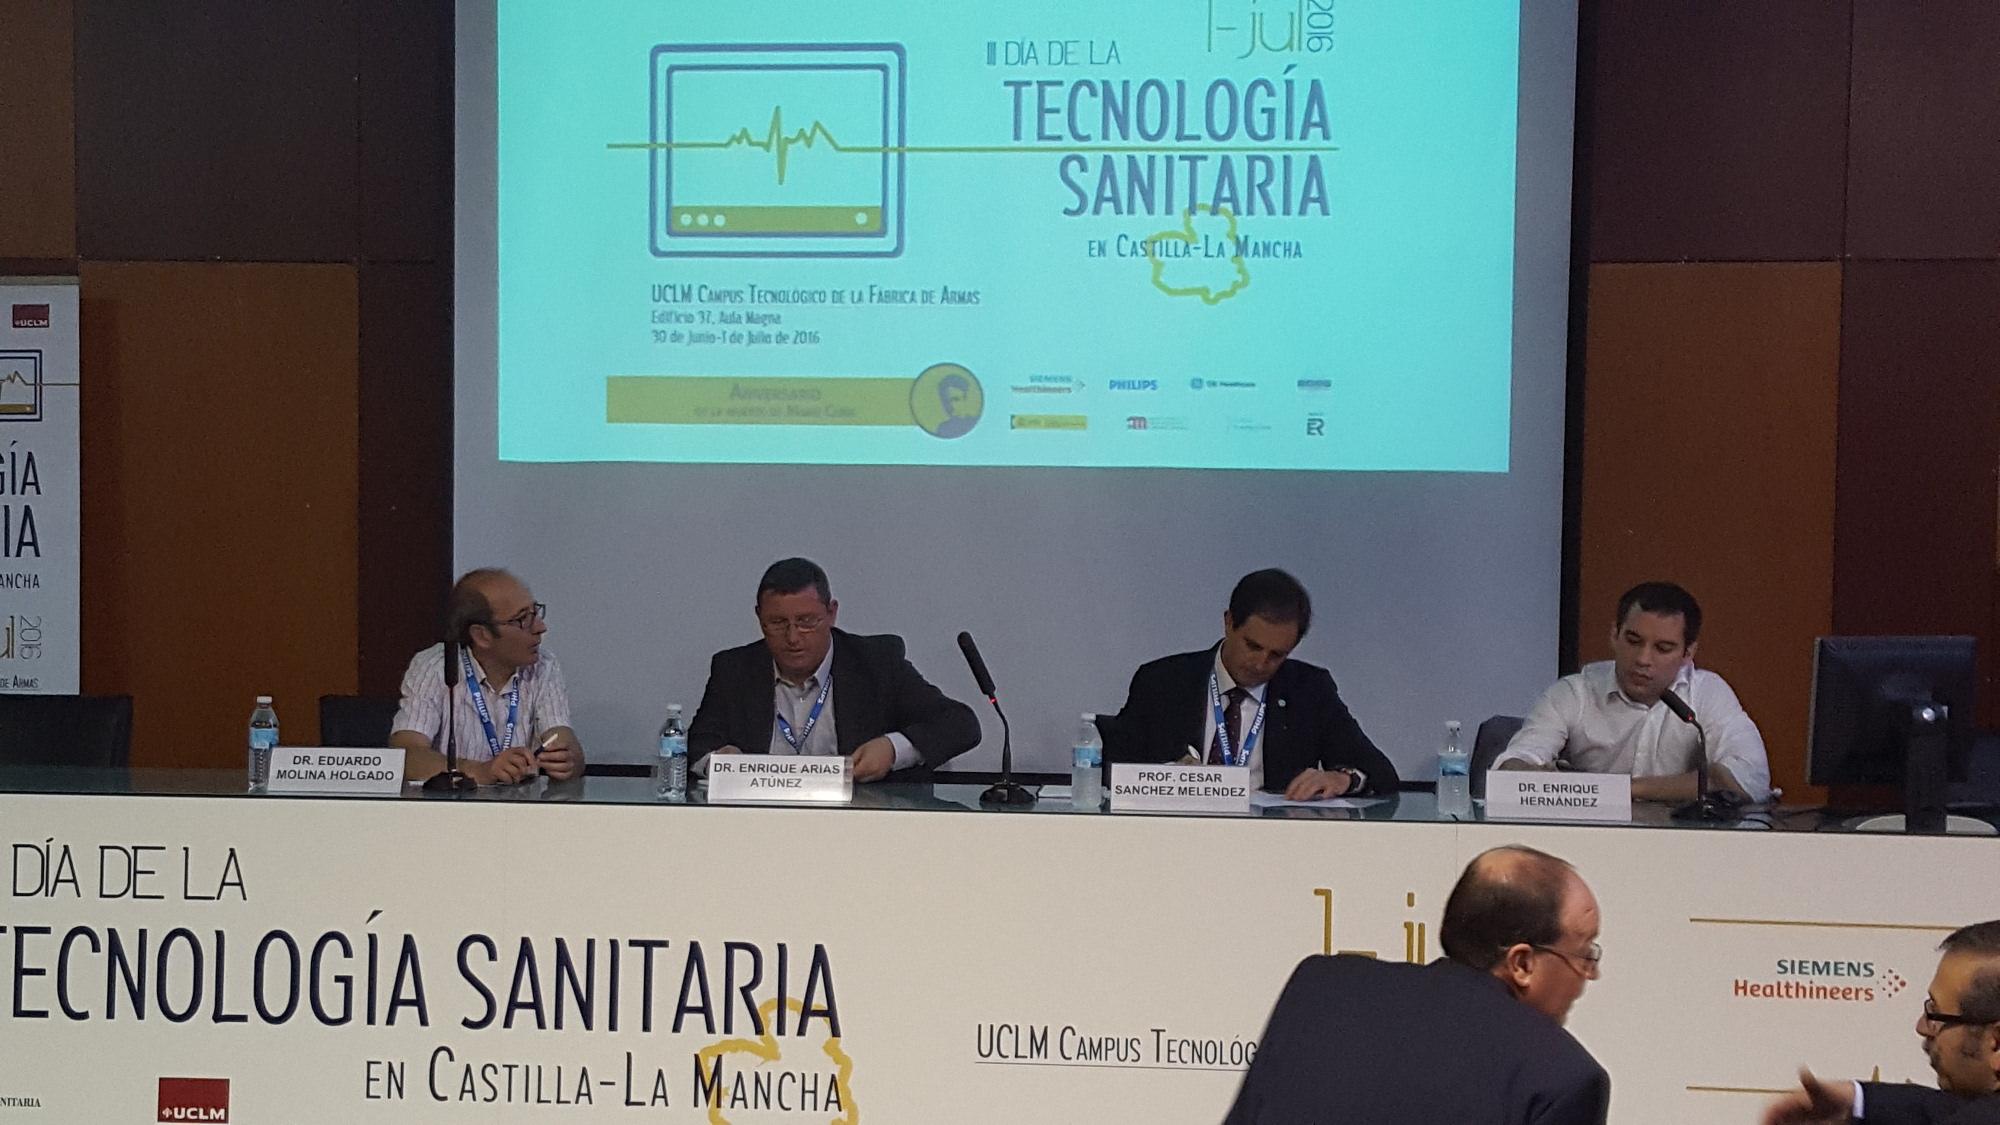 Participación del I3A en el III Día de la Tecnología Sanitaria en Castilla-La Mancha